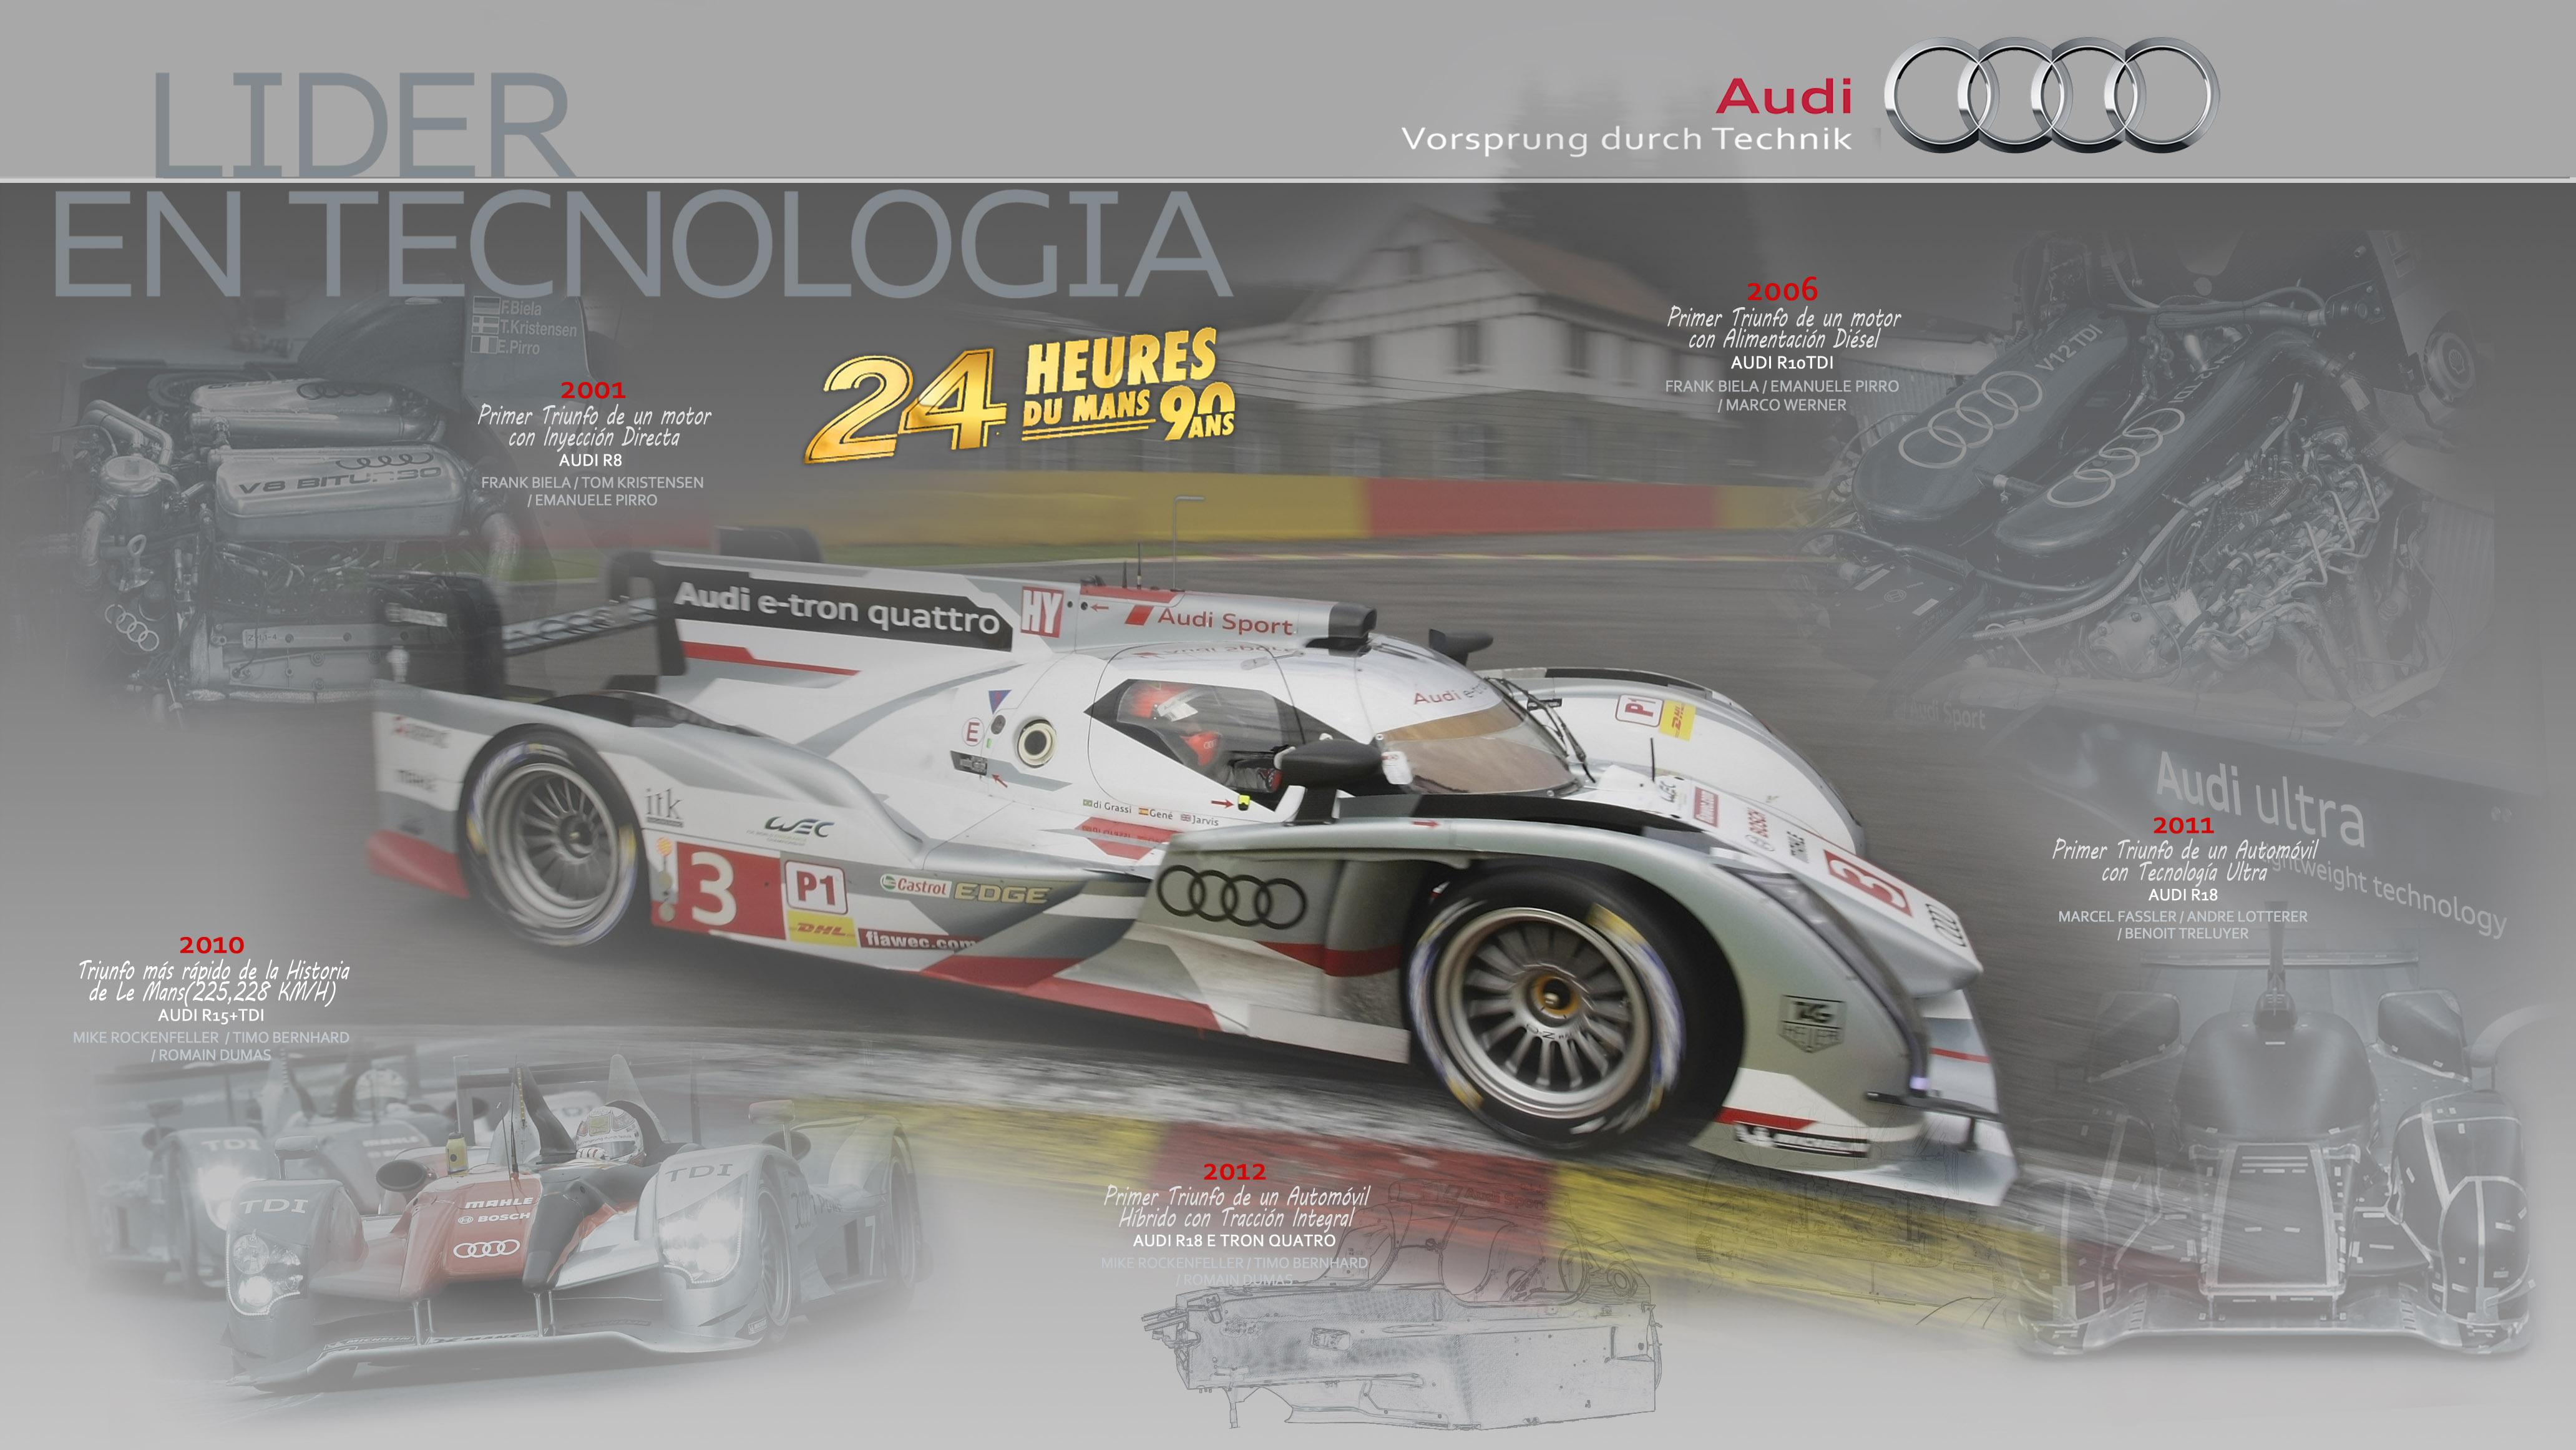 La idea de V8, magníficamente resuelta por Jorge García, fue el arte para tributar a Audi...